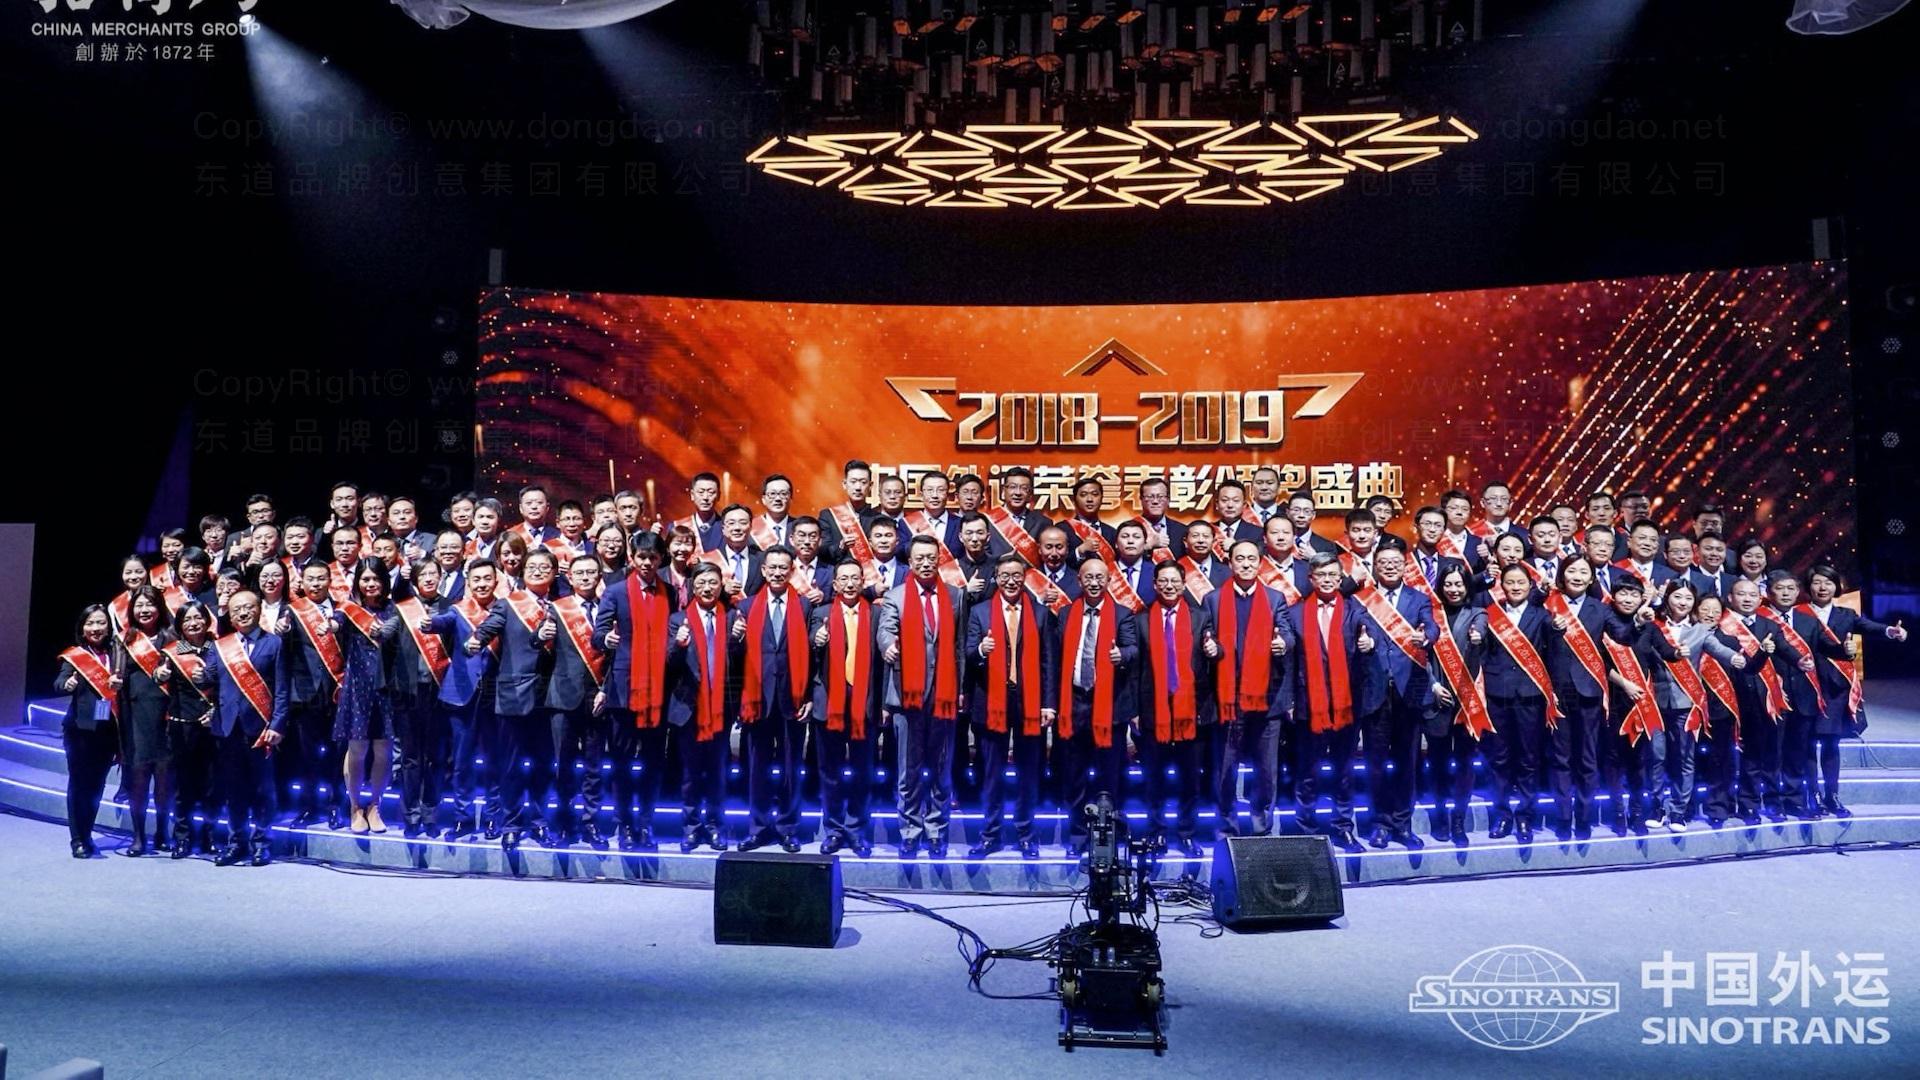 品牌战略&企业文化中国外运企业文化落地项目企业文化手册应用场景_18